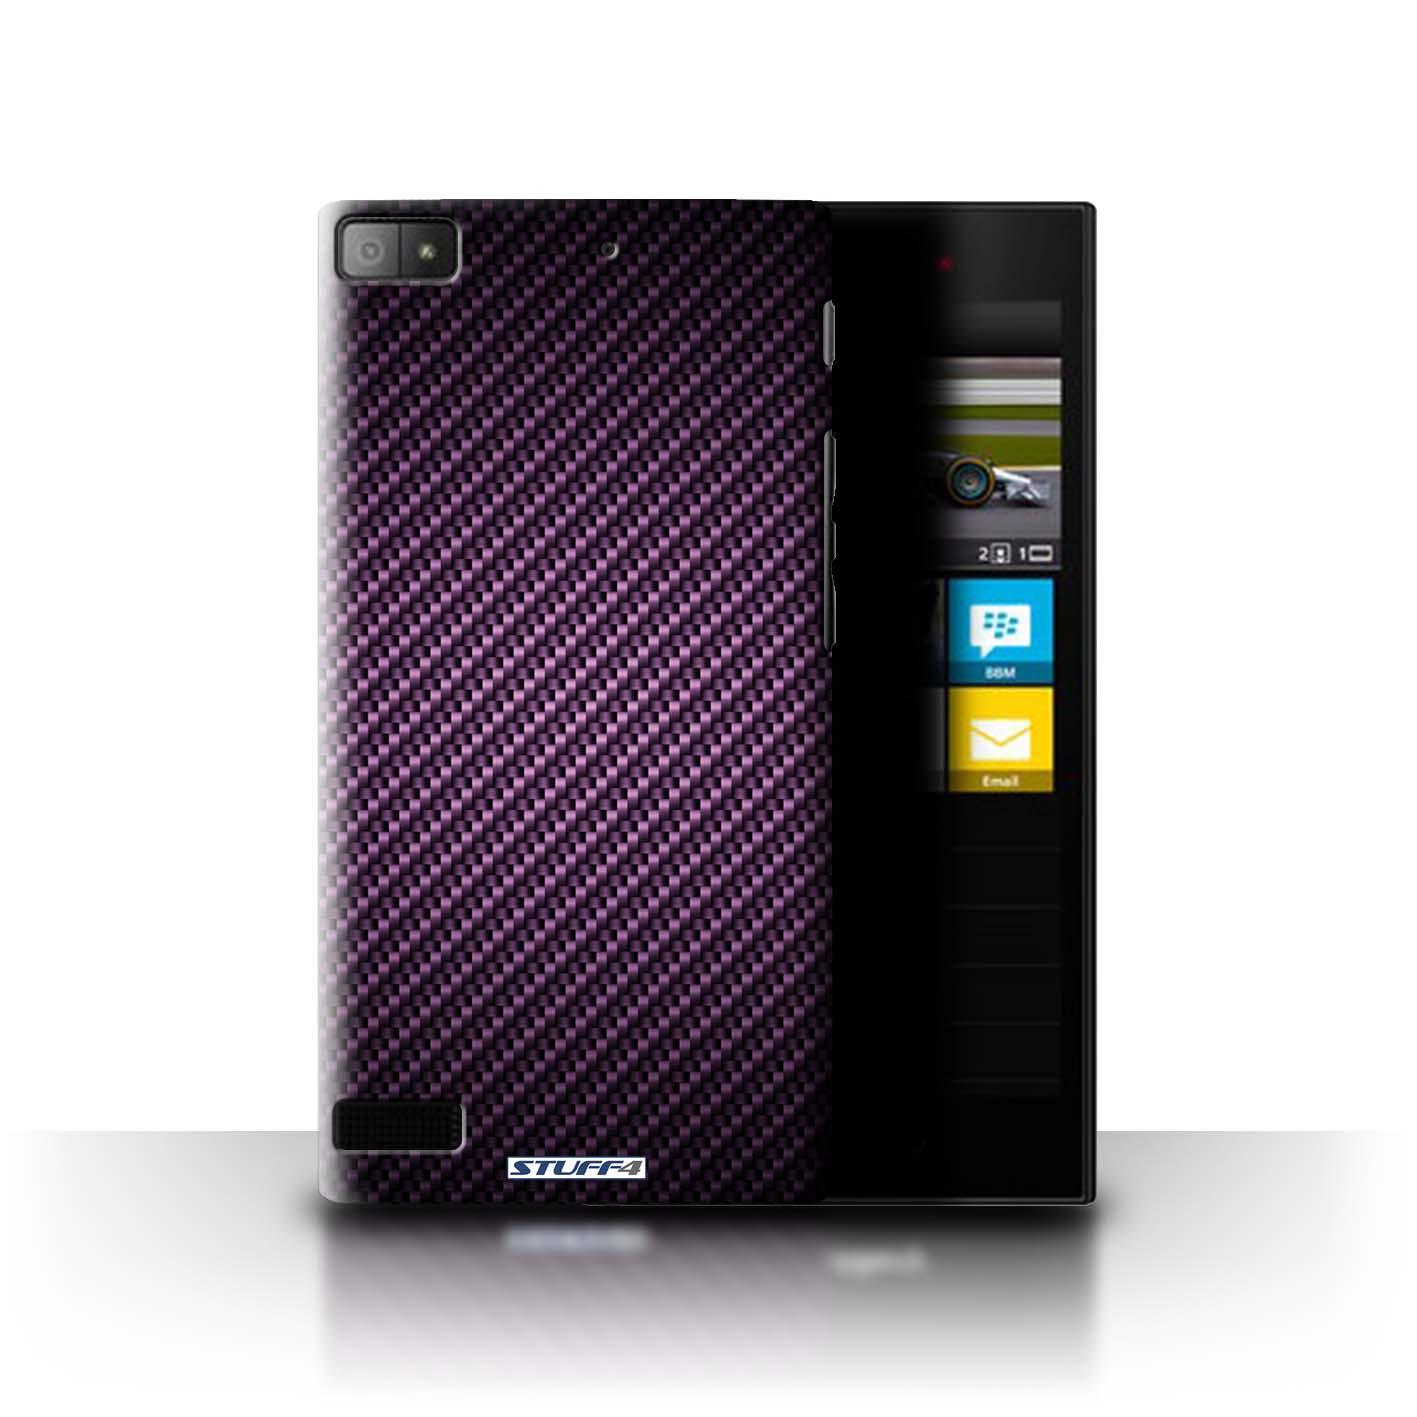 Coque-Etui-Housse-de-Stuff4-pour-Blackberry-Z3-Motif-de-Fibre-de-Carbone